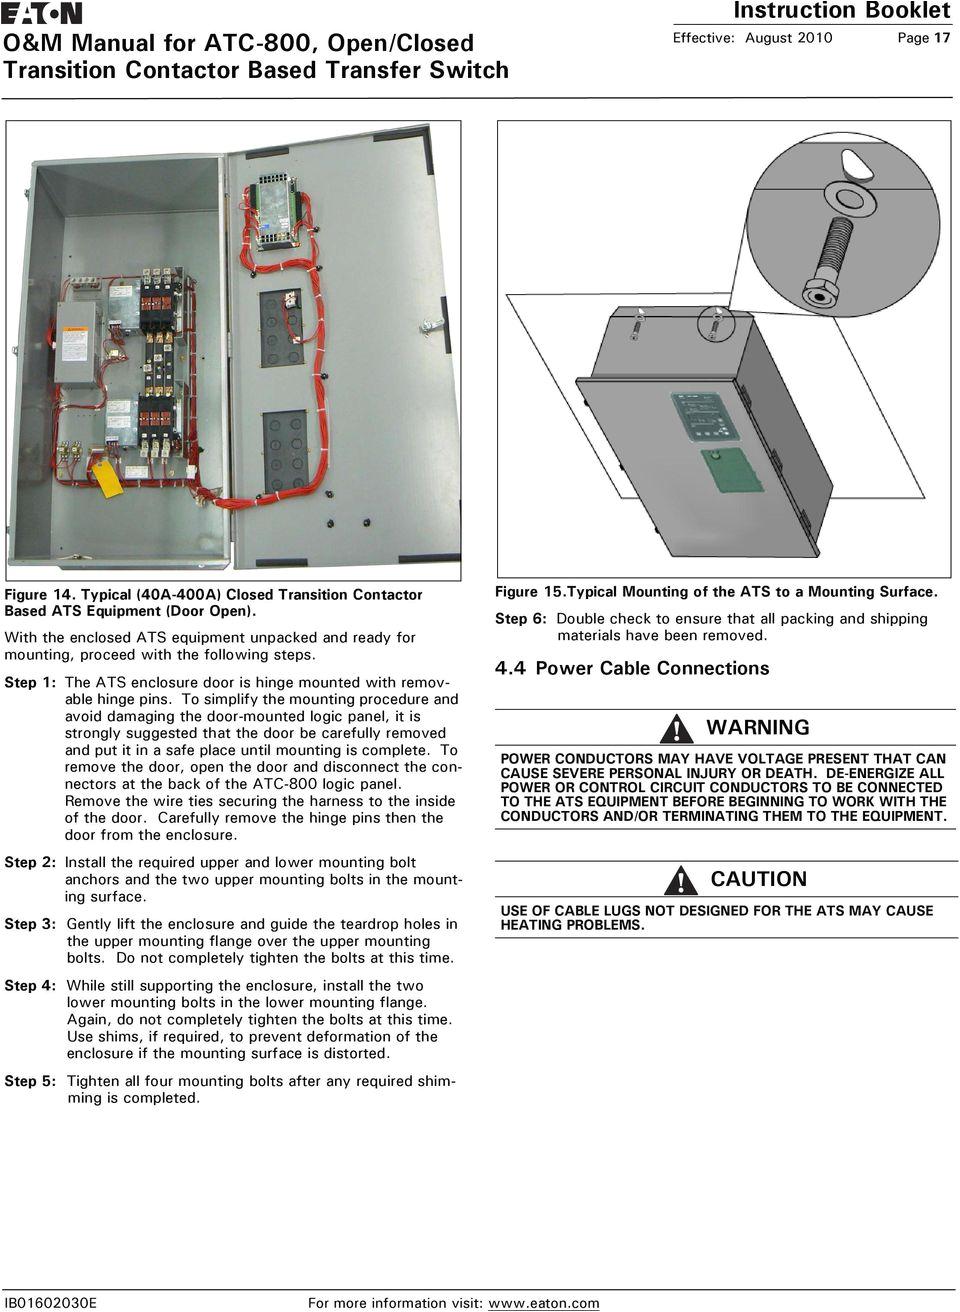 eaton atc wiring diagram wiring diagram databaseatc wiring diagram basic electronics wiring diagram eaton atc wiring